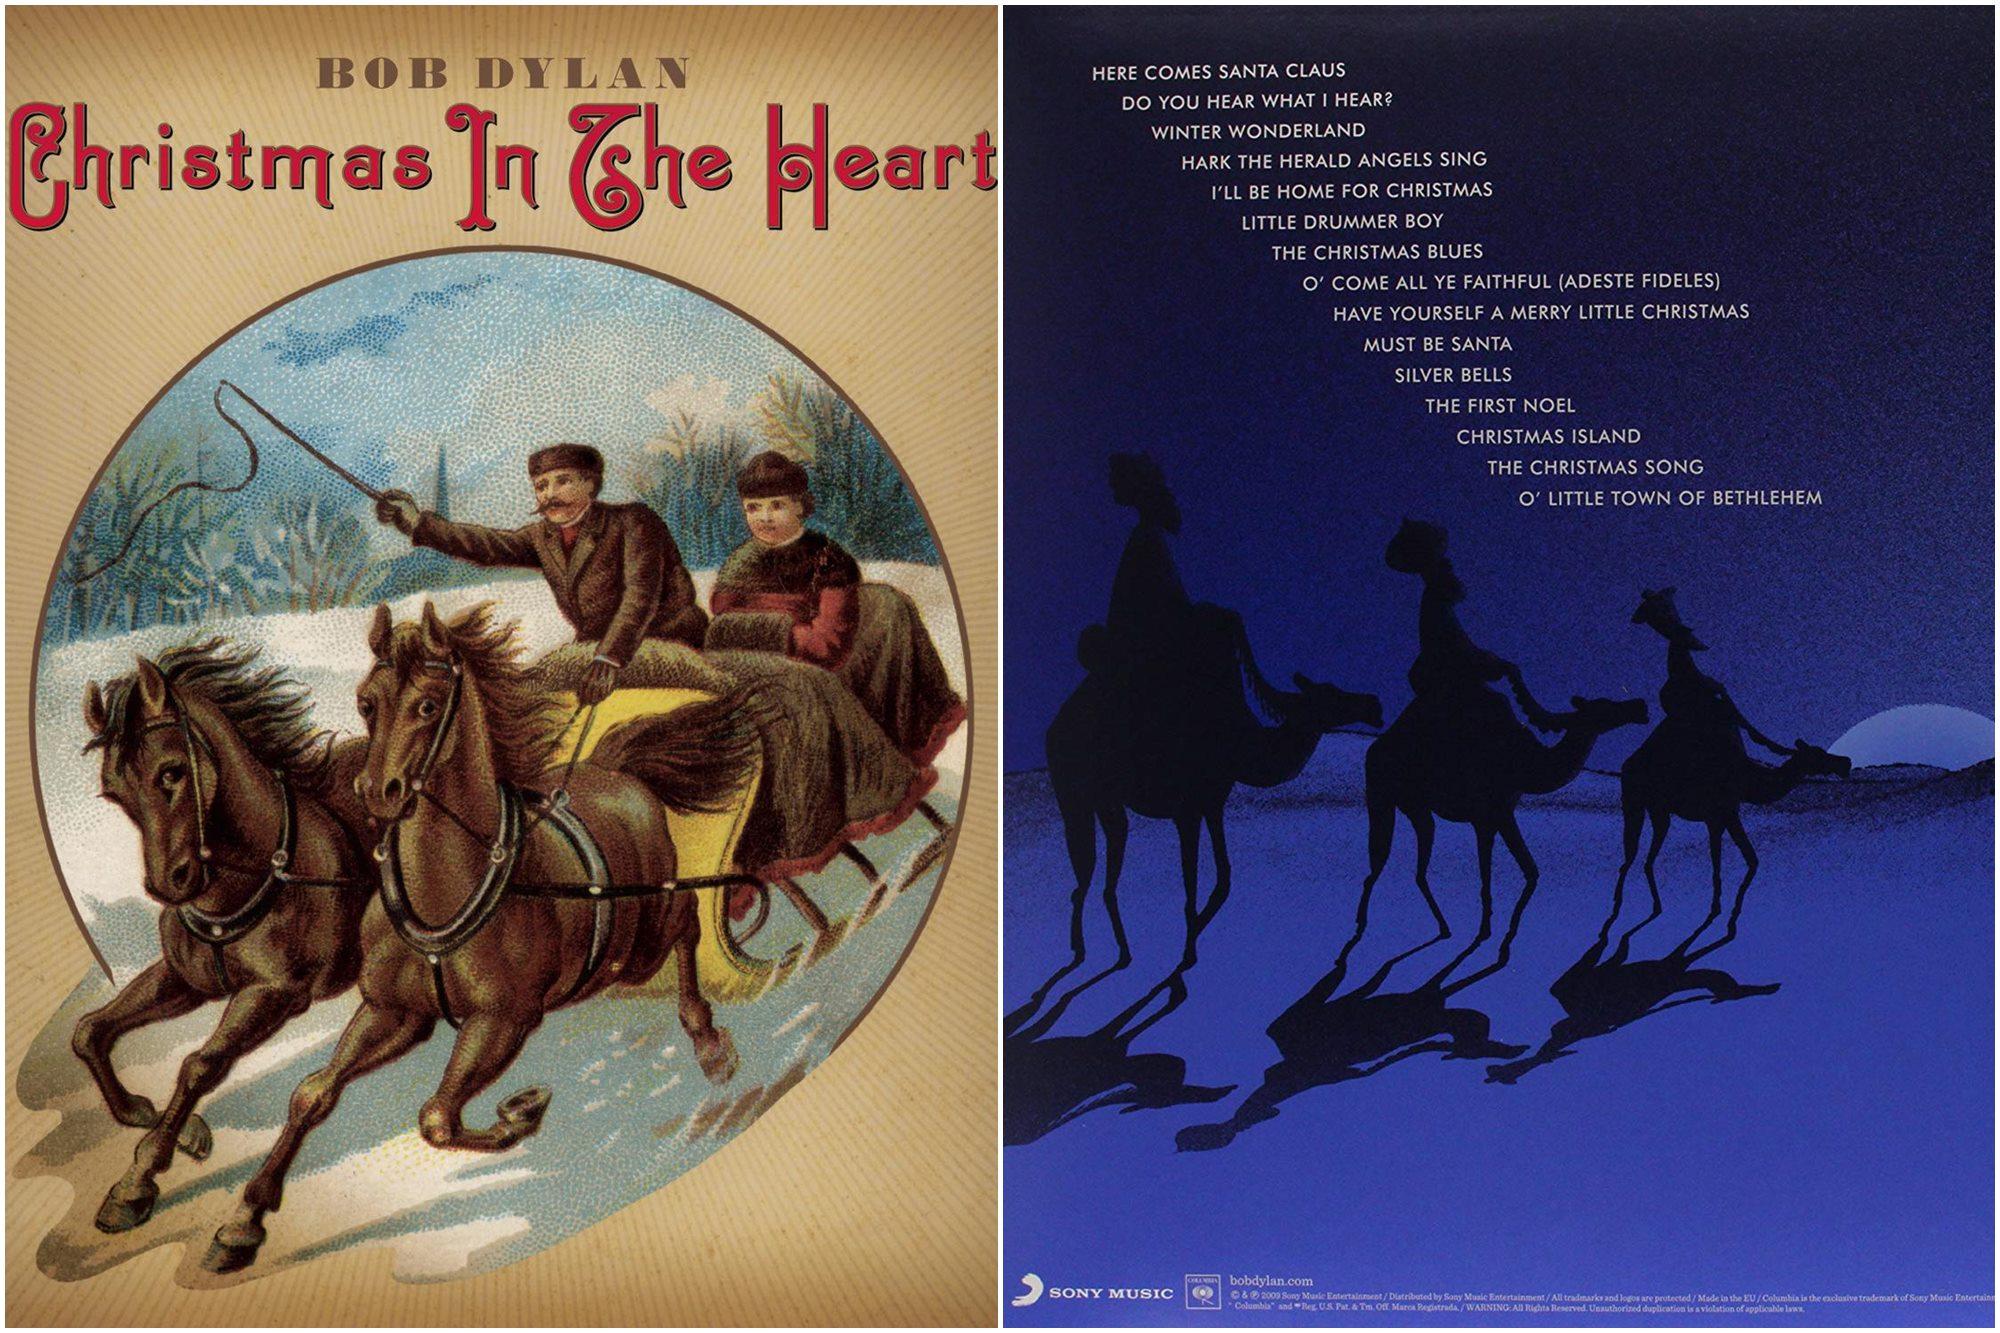 Clásicos motivos en la portada y contraportada de 'Christmas in the heart'. Foto: Amazon.